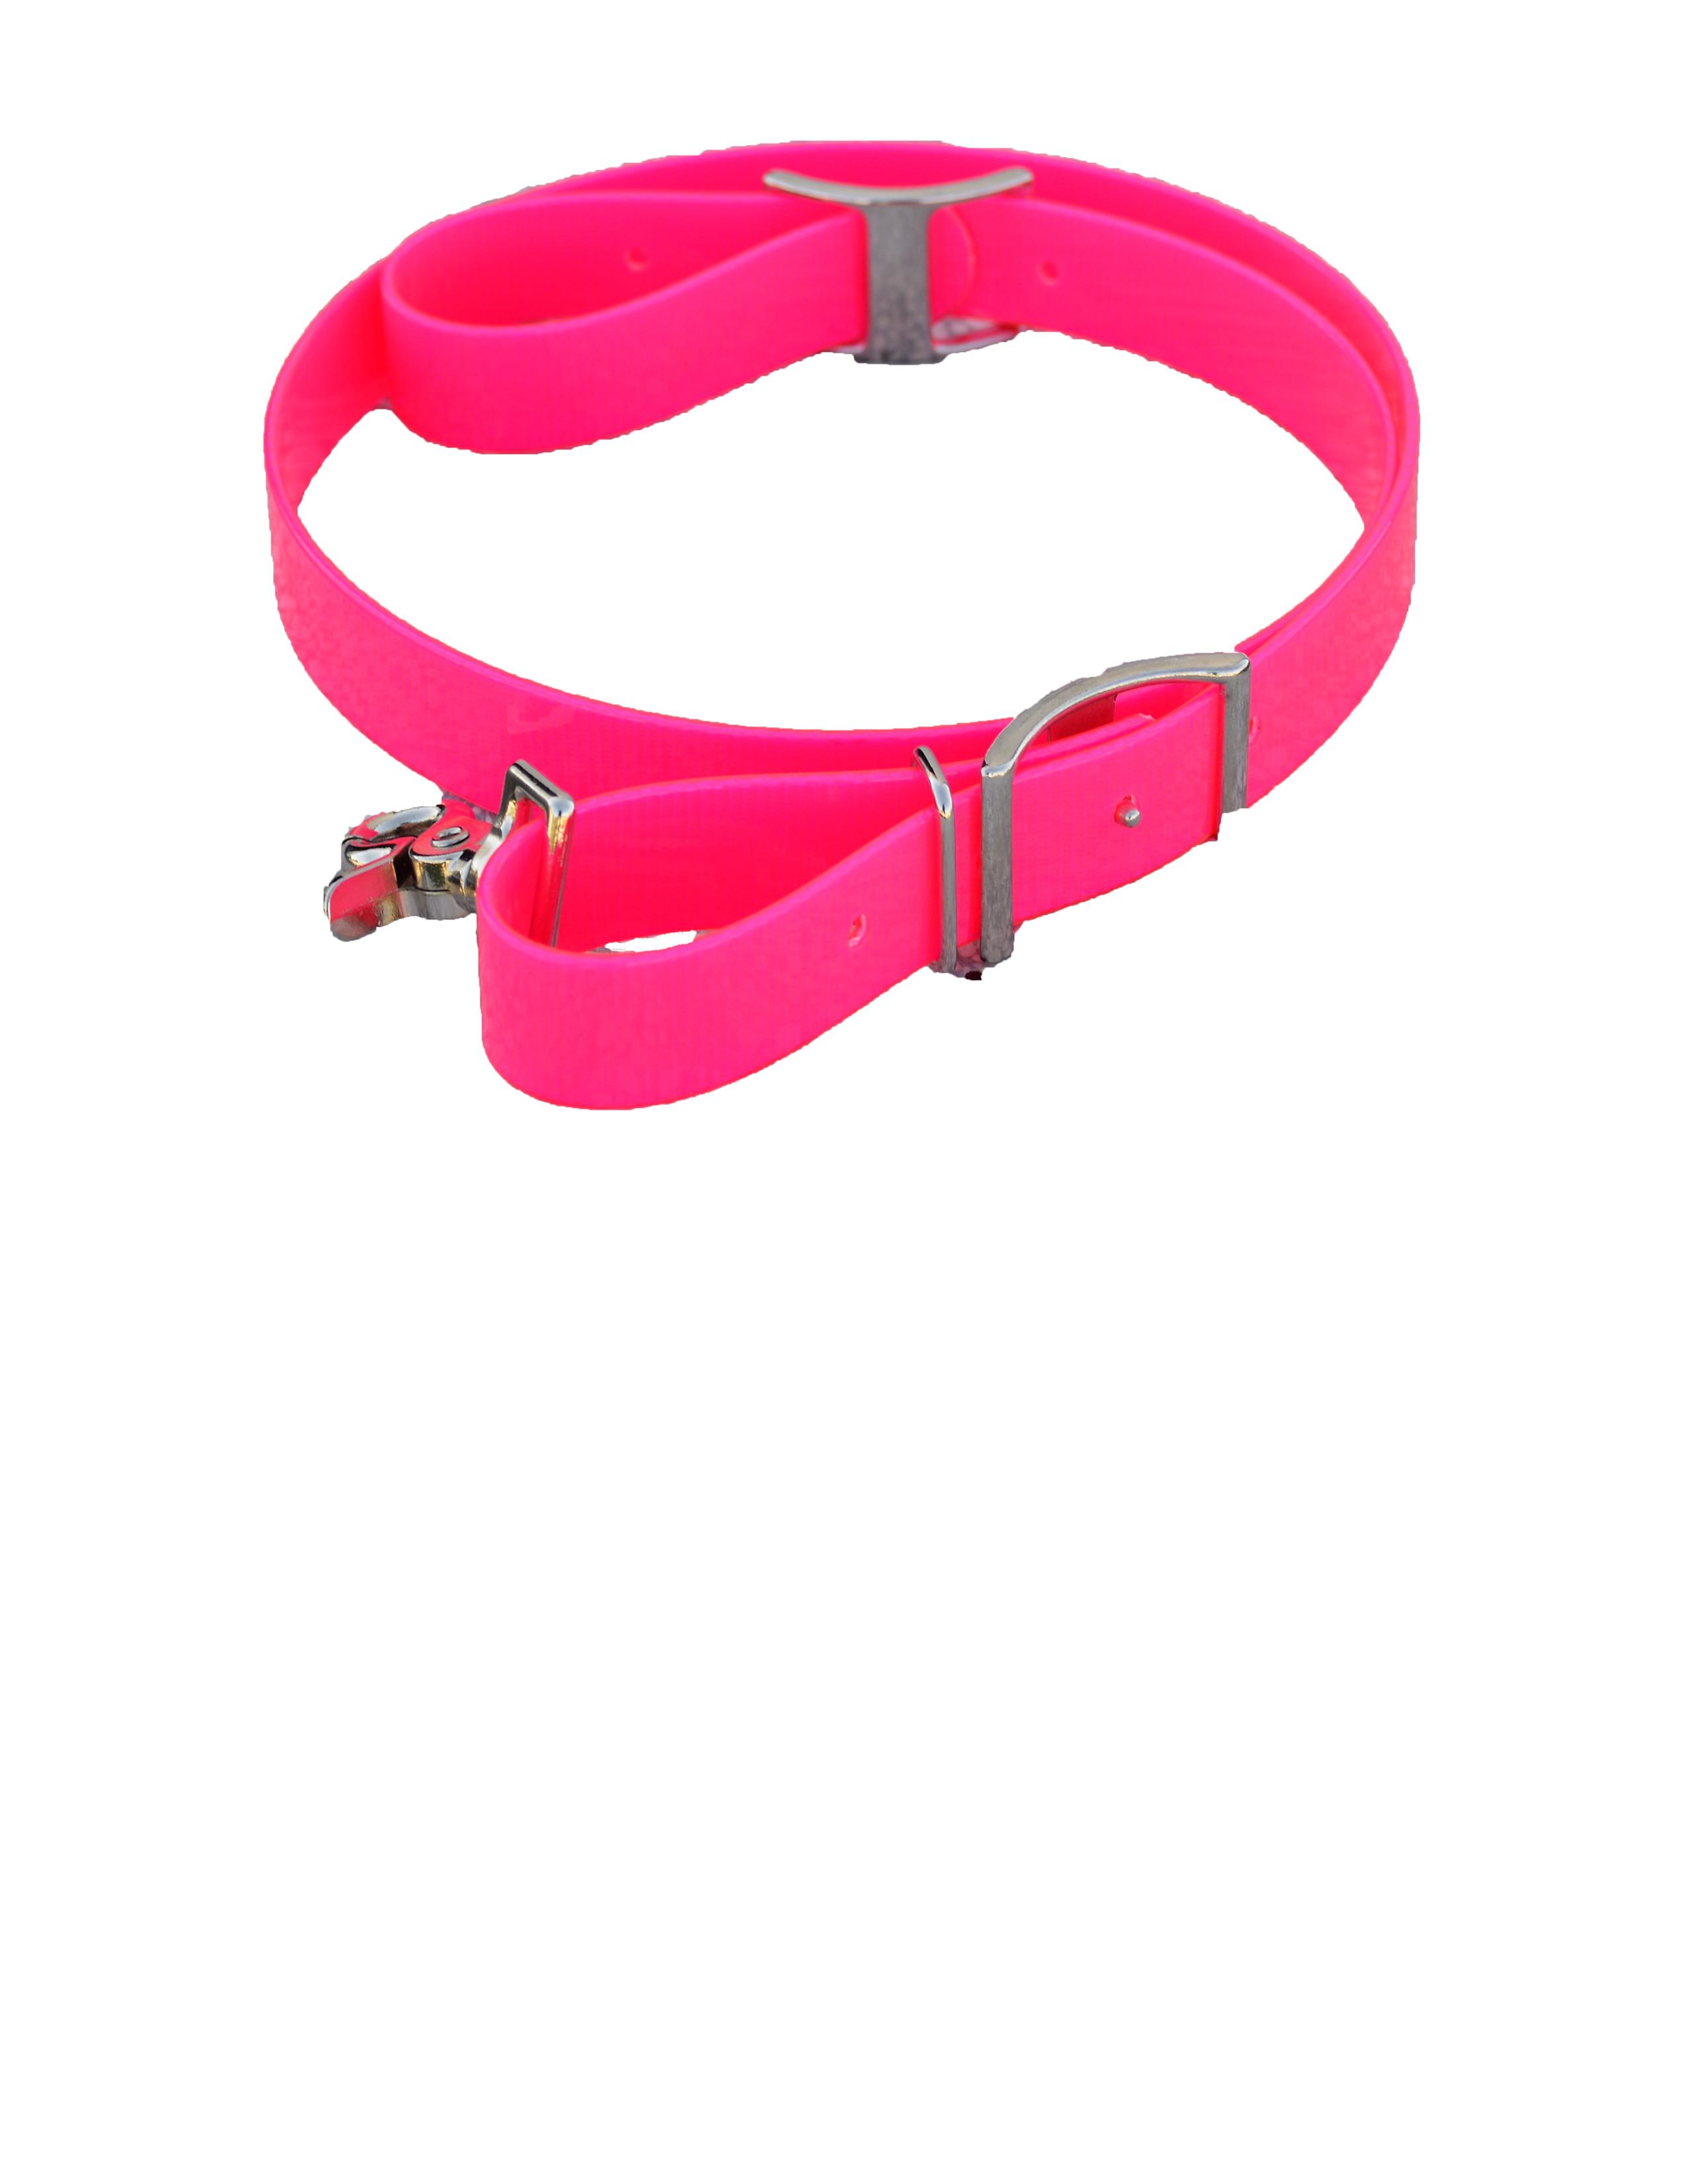 BIO Thane Tie Down Pink